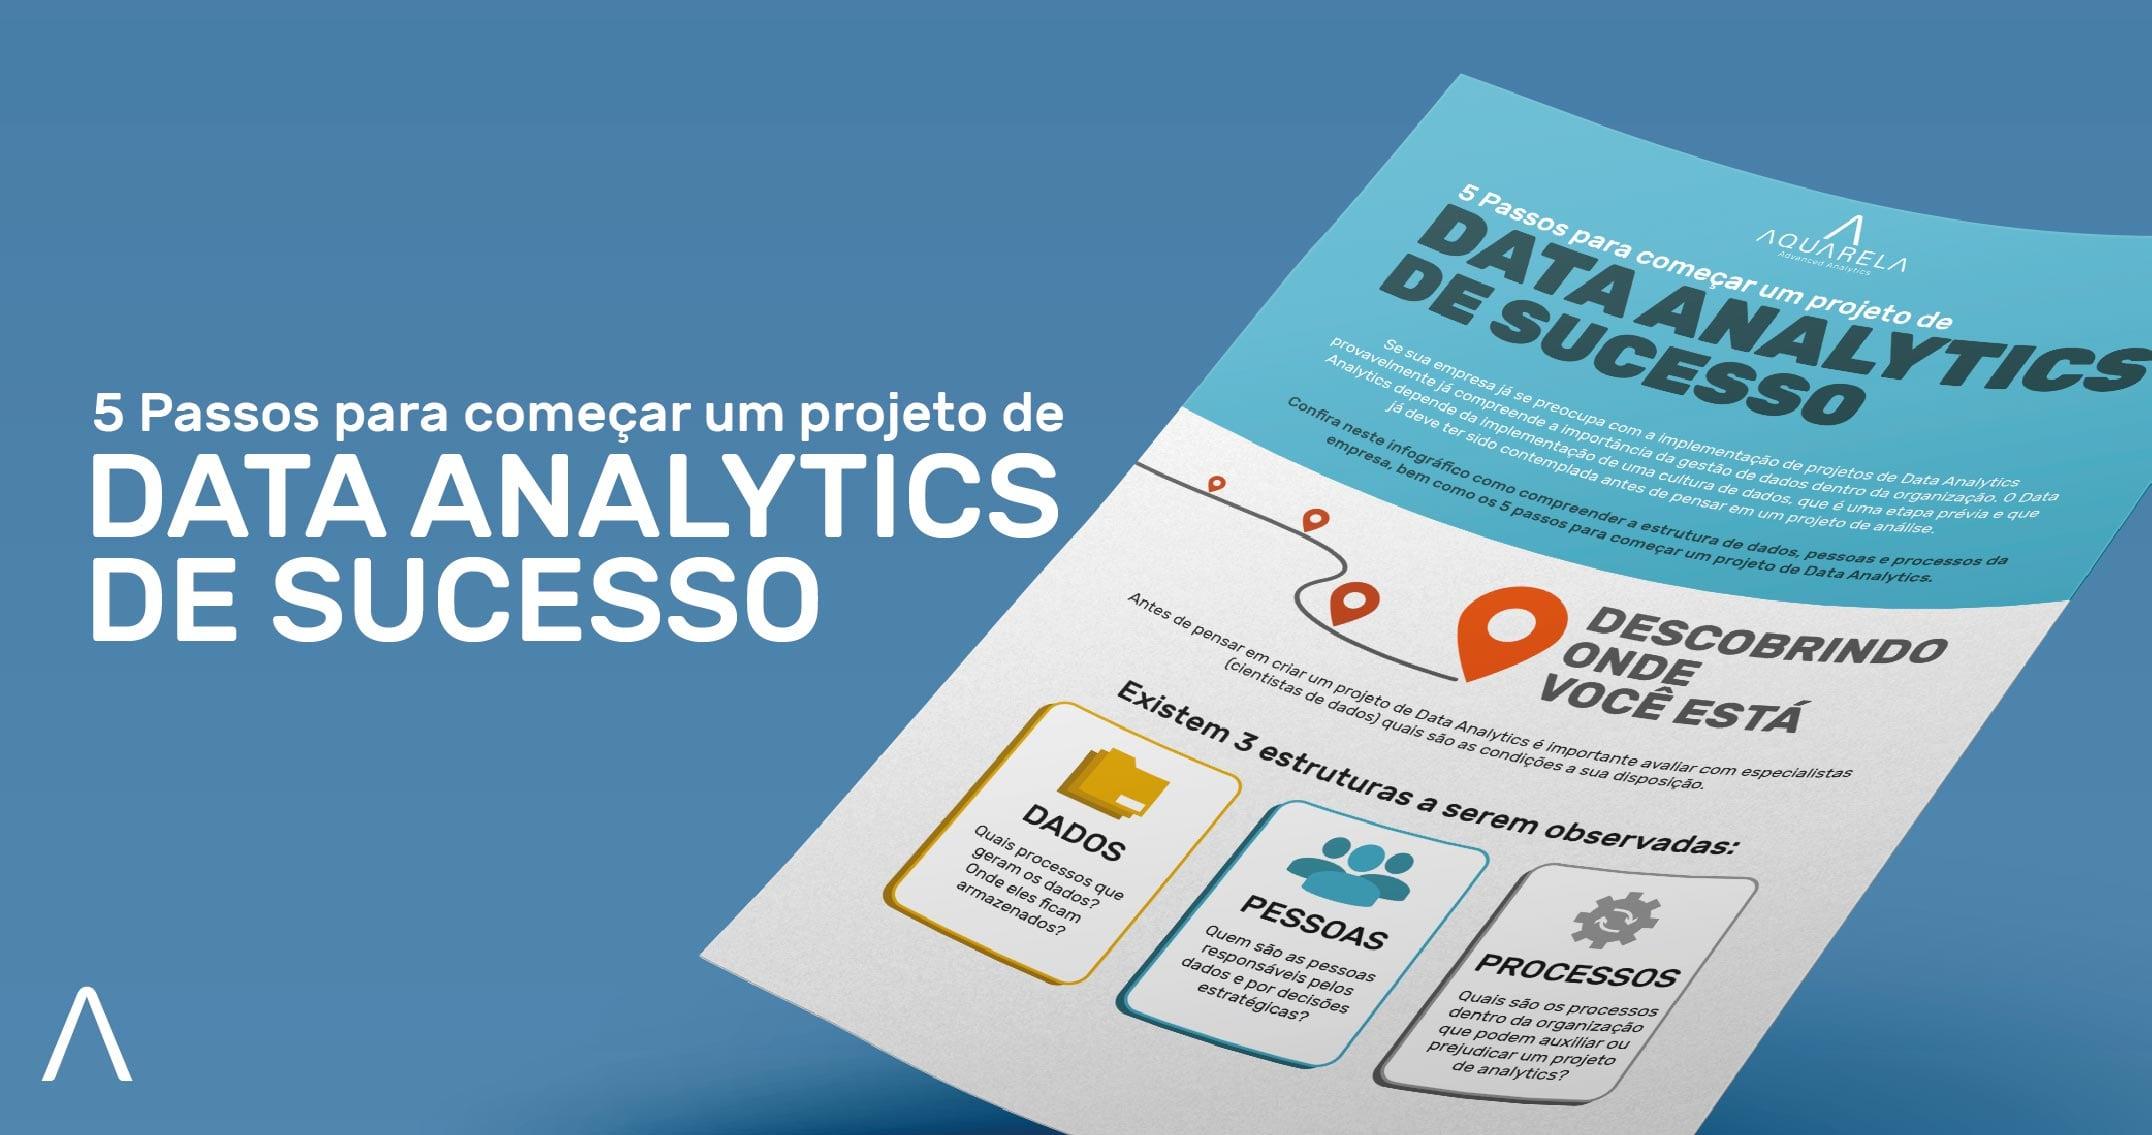 [INFOGRÁFICO]  5 Passos para um projeto de data analytics de sucesso!